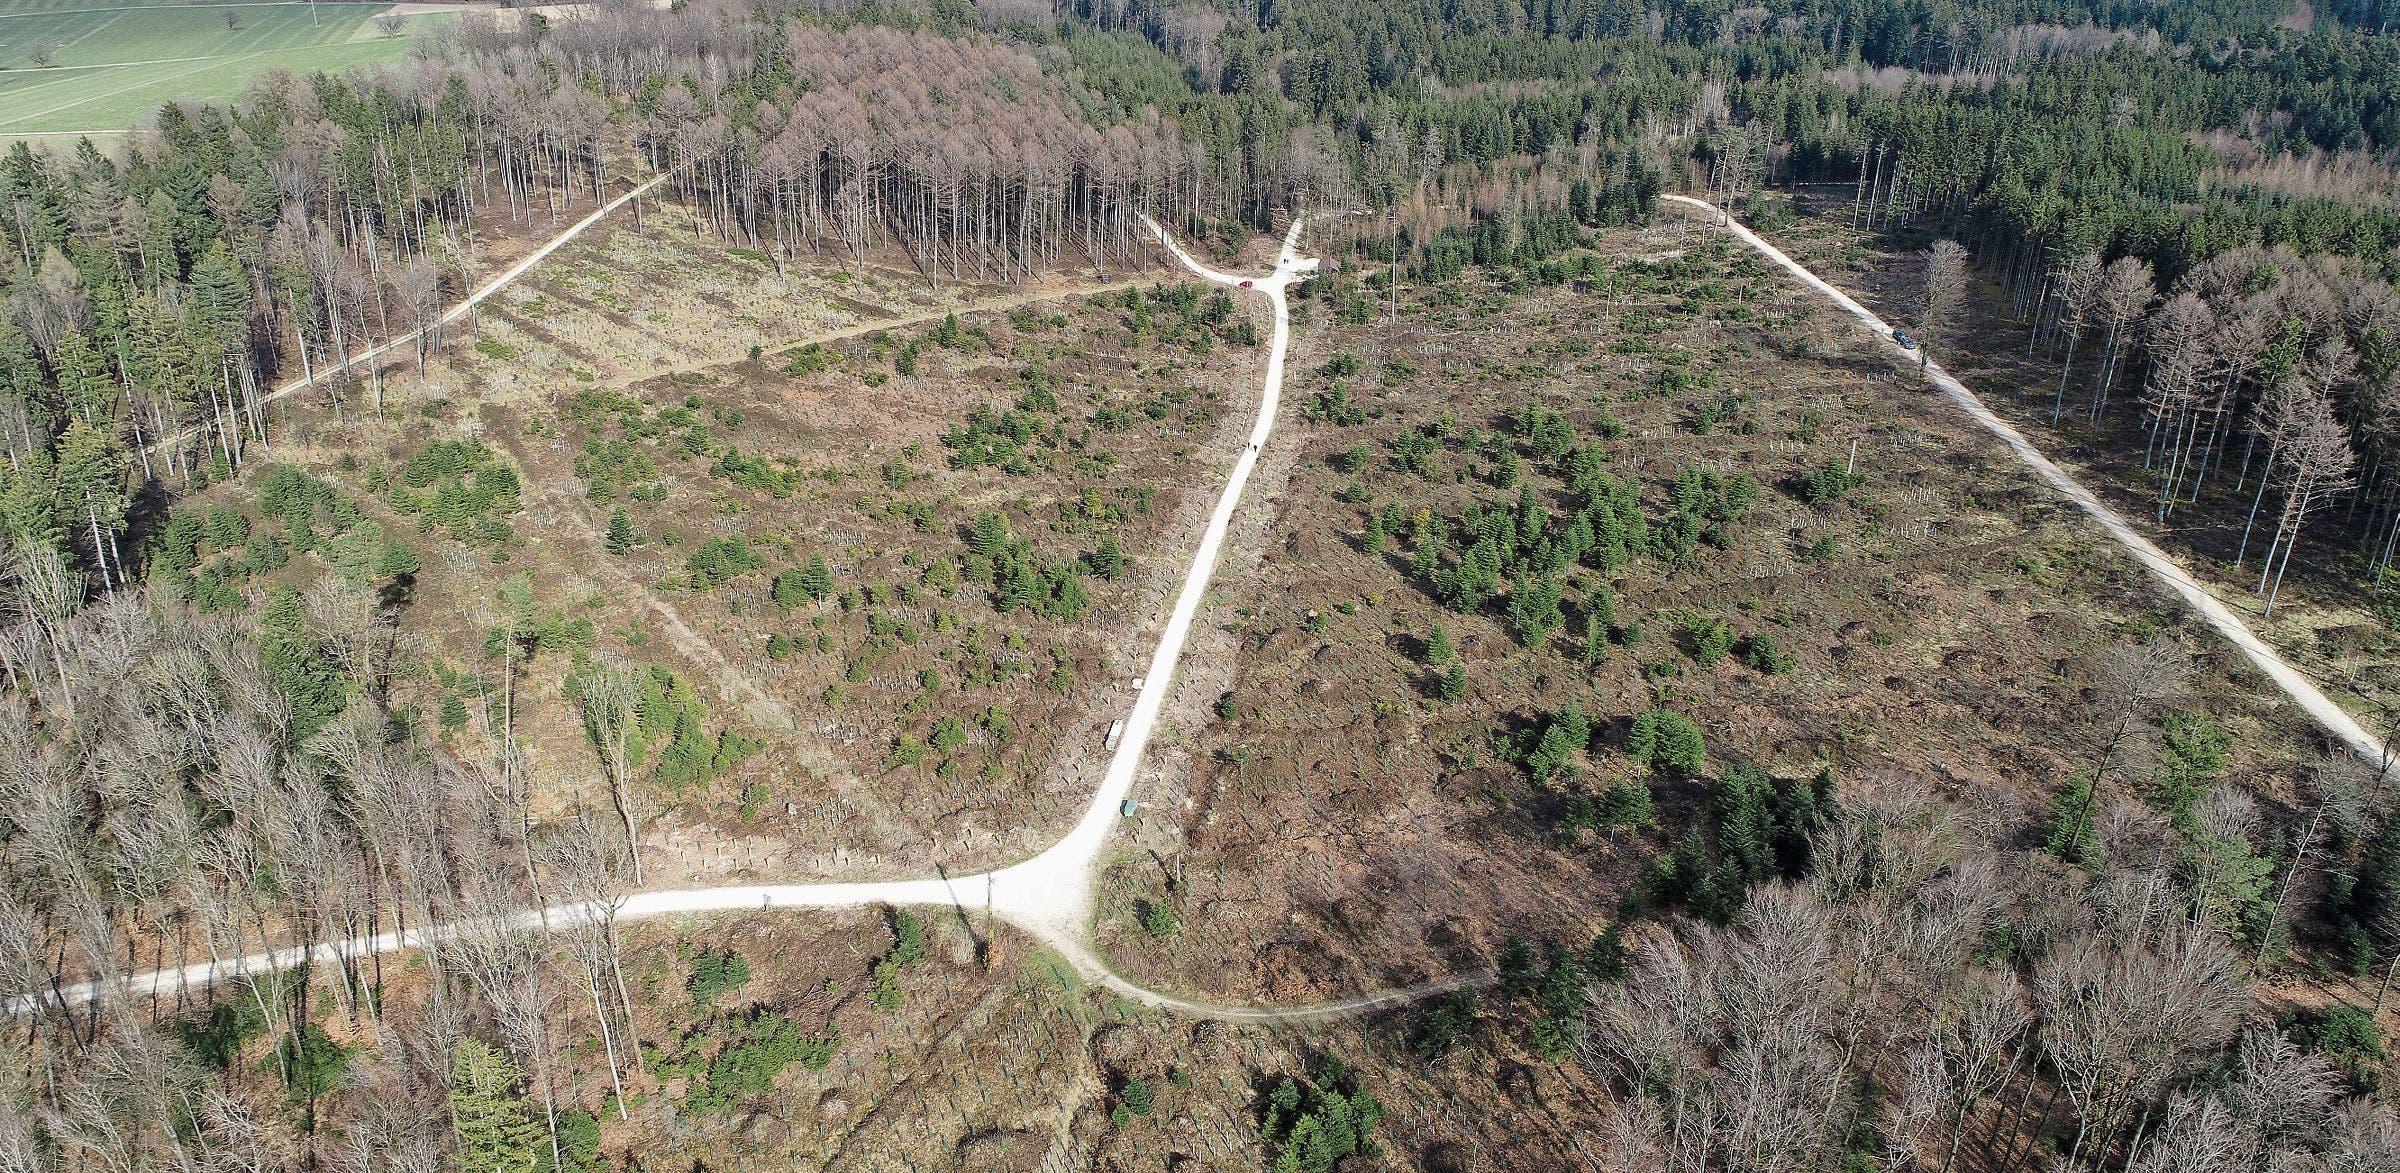 Im Januar 2018 hat im Kestenholzer Wald der Sturm Burglind gewütet. Fichten sind fast keine mehr übrig. Wo nötig, wurden Jungbäume gepflanzt. Darunter zum Beispiel Lärchen.